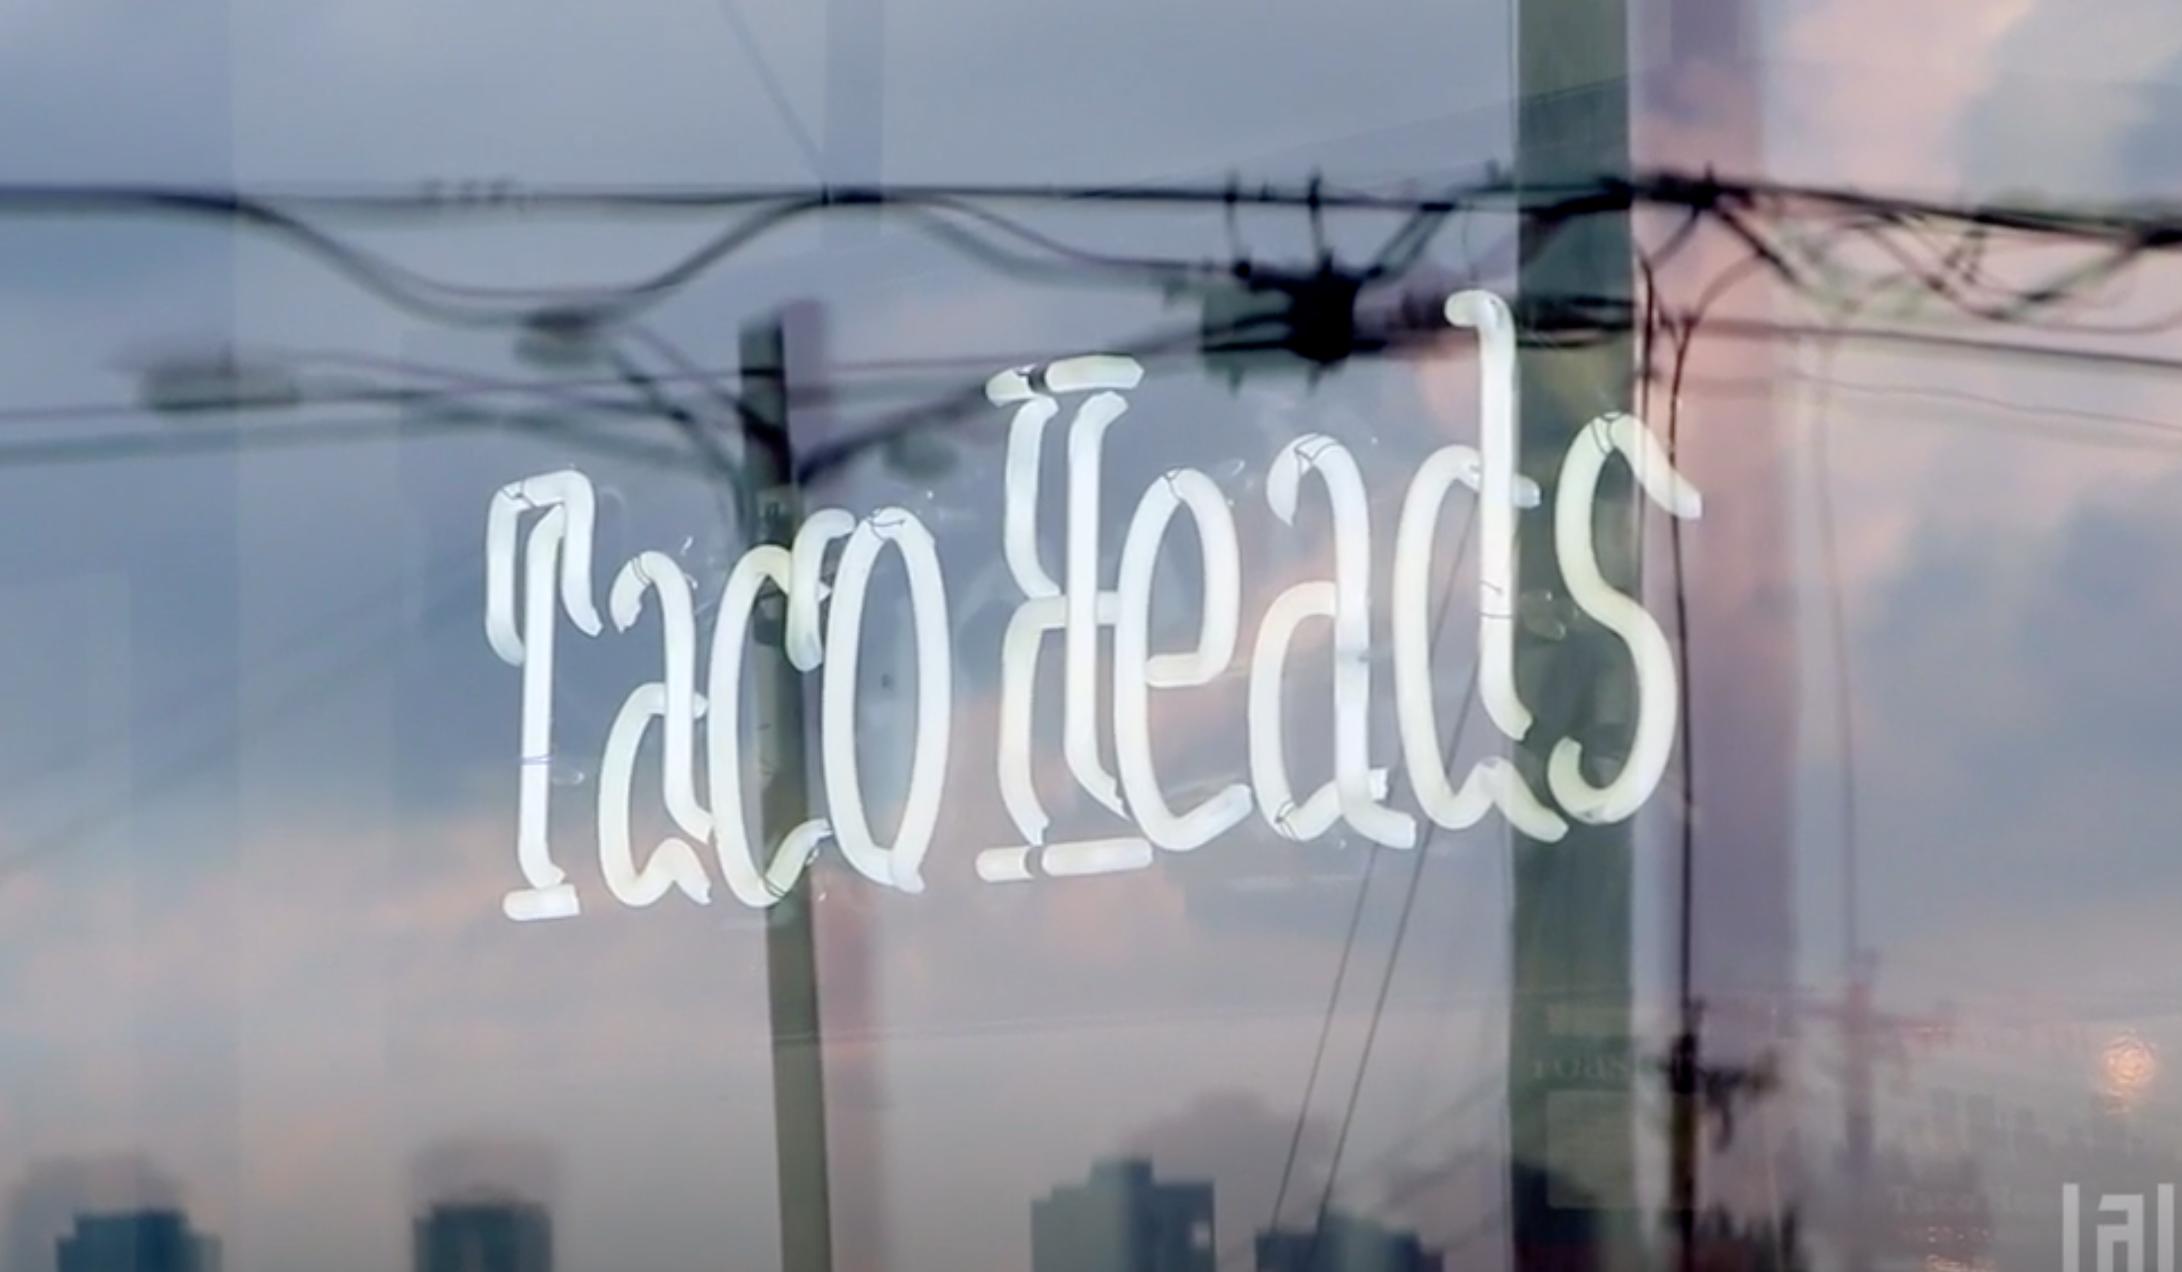 VIDEO: La Vida: Taco Heads